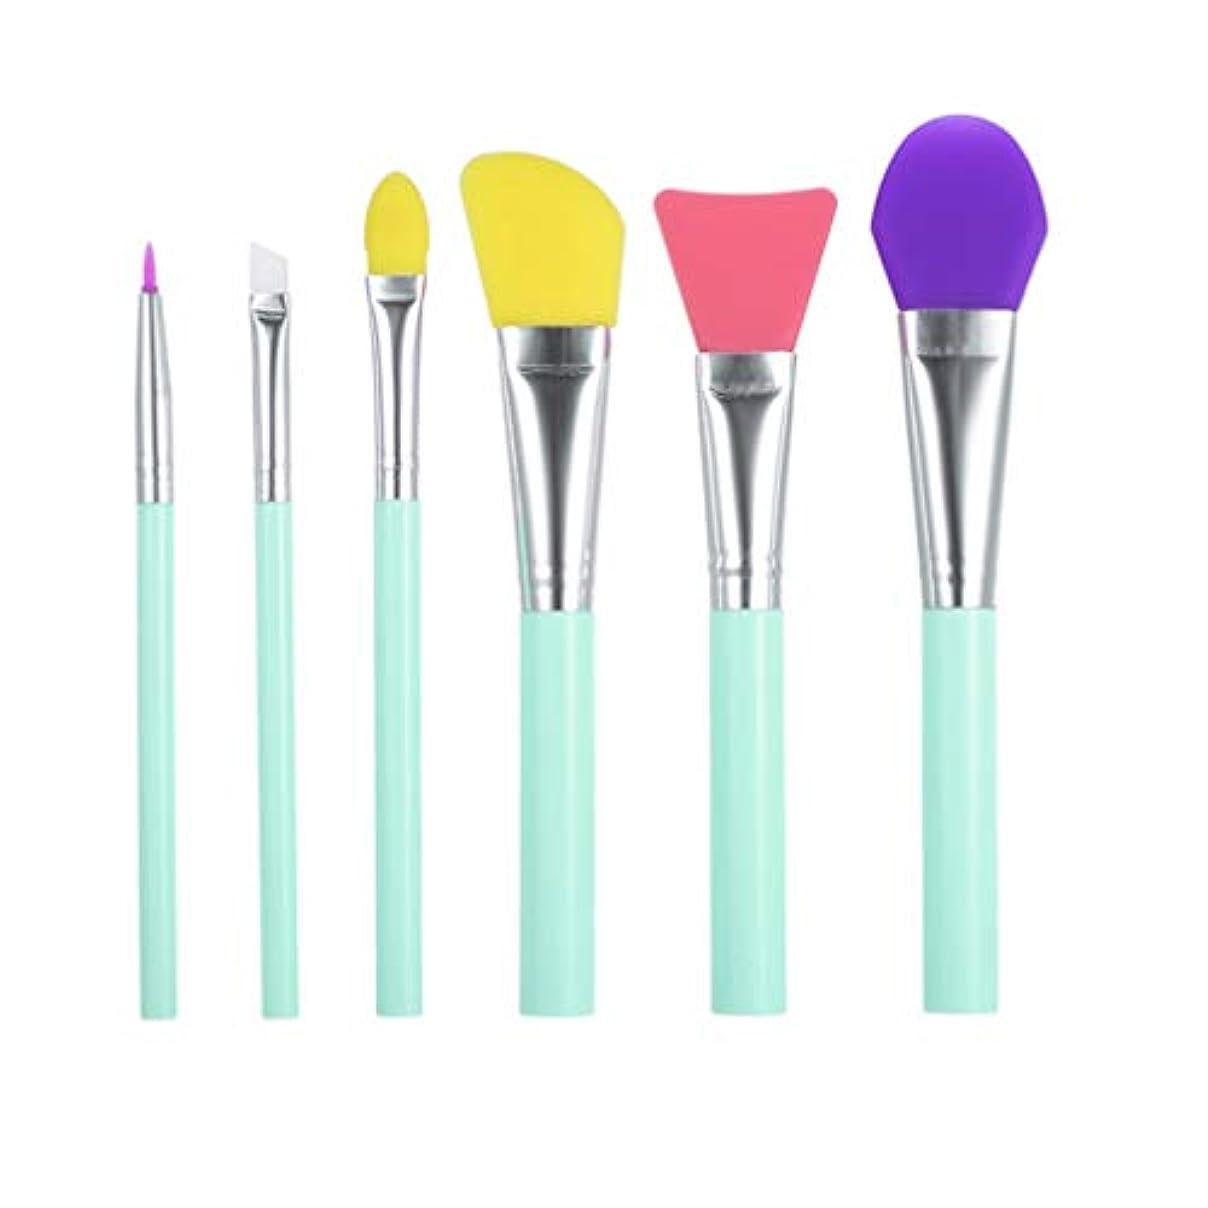 とても多くのタオル聖域Lurrose 6 Pieces Silicone Facial Mask Brush Silicone Face Applicator Brush For Face Mask Application Or DIY Mask...